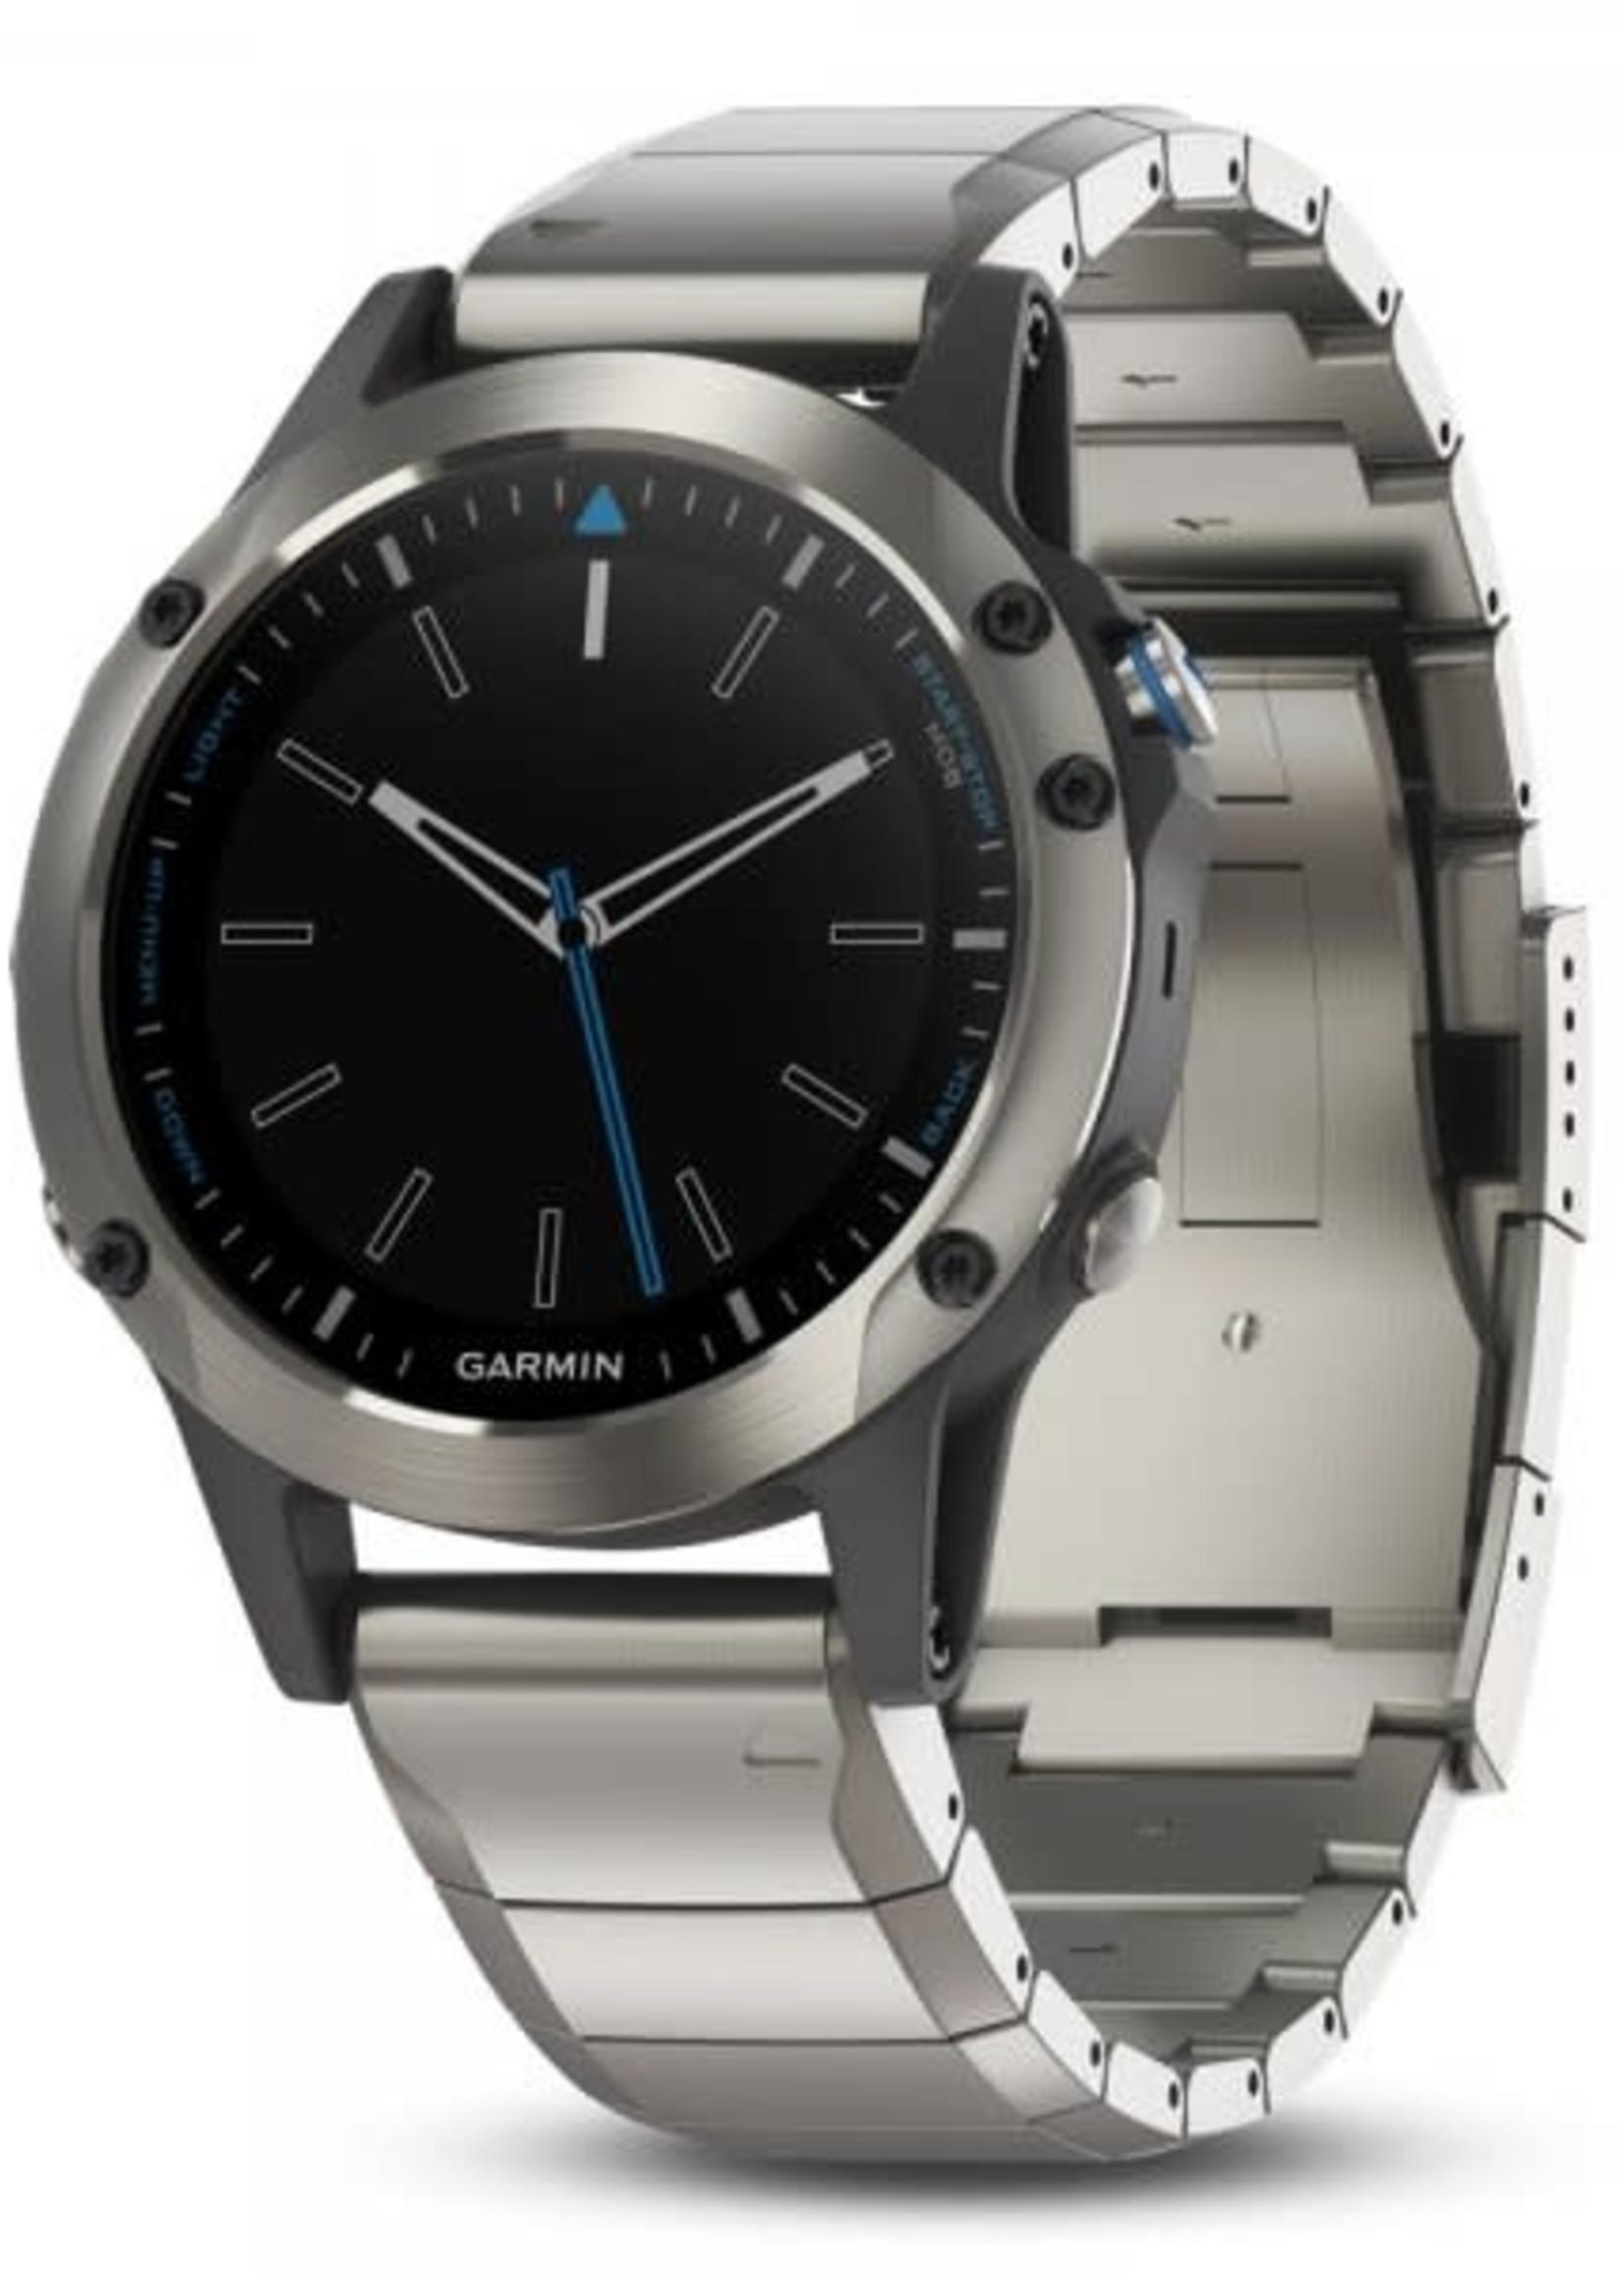 Garmin Quatix 5, Sapphire, GPS Watch